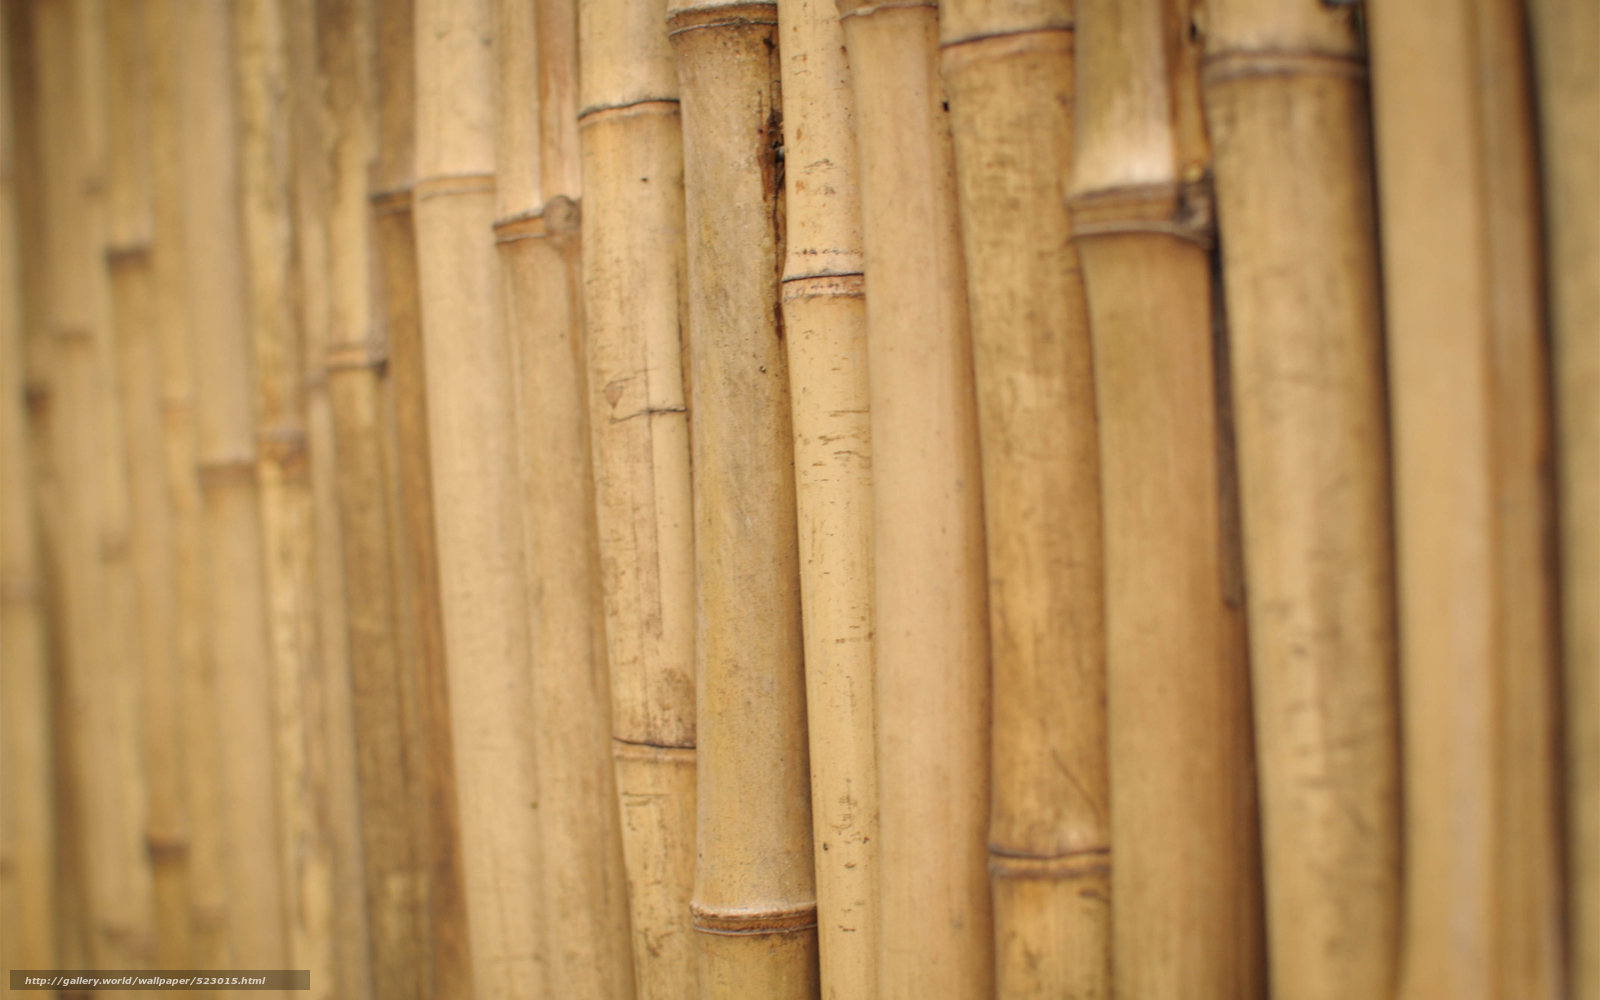 Tlcharger fond d 39 ecran morceau de bois dcoule bambou - Wallpaper holz ...